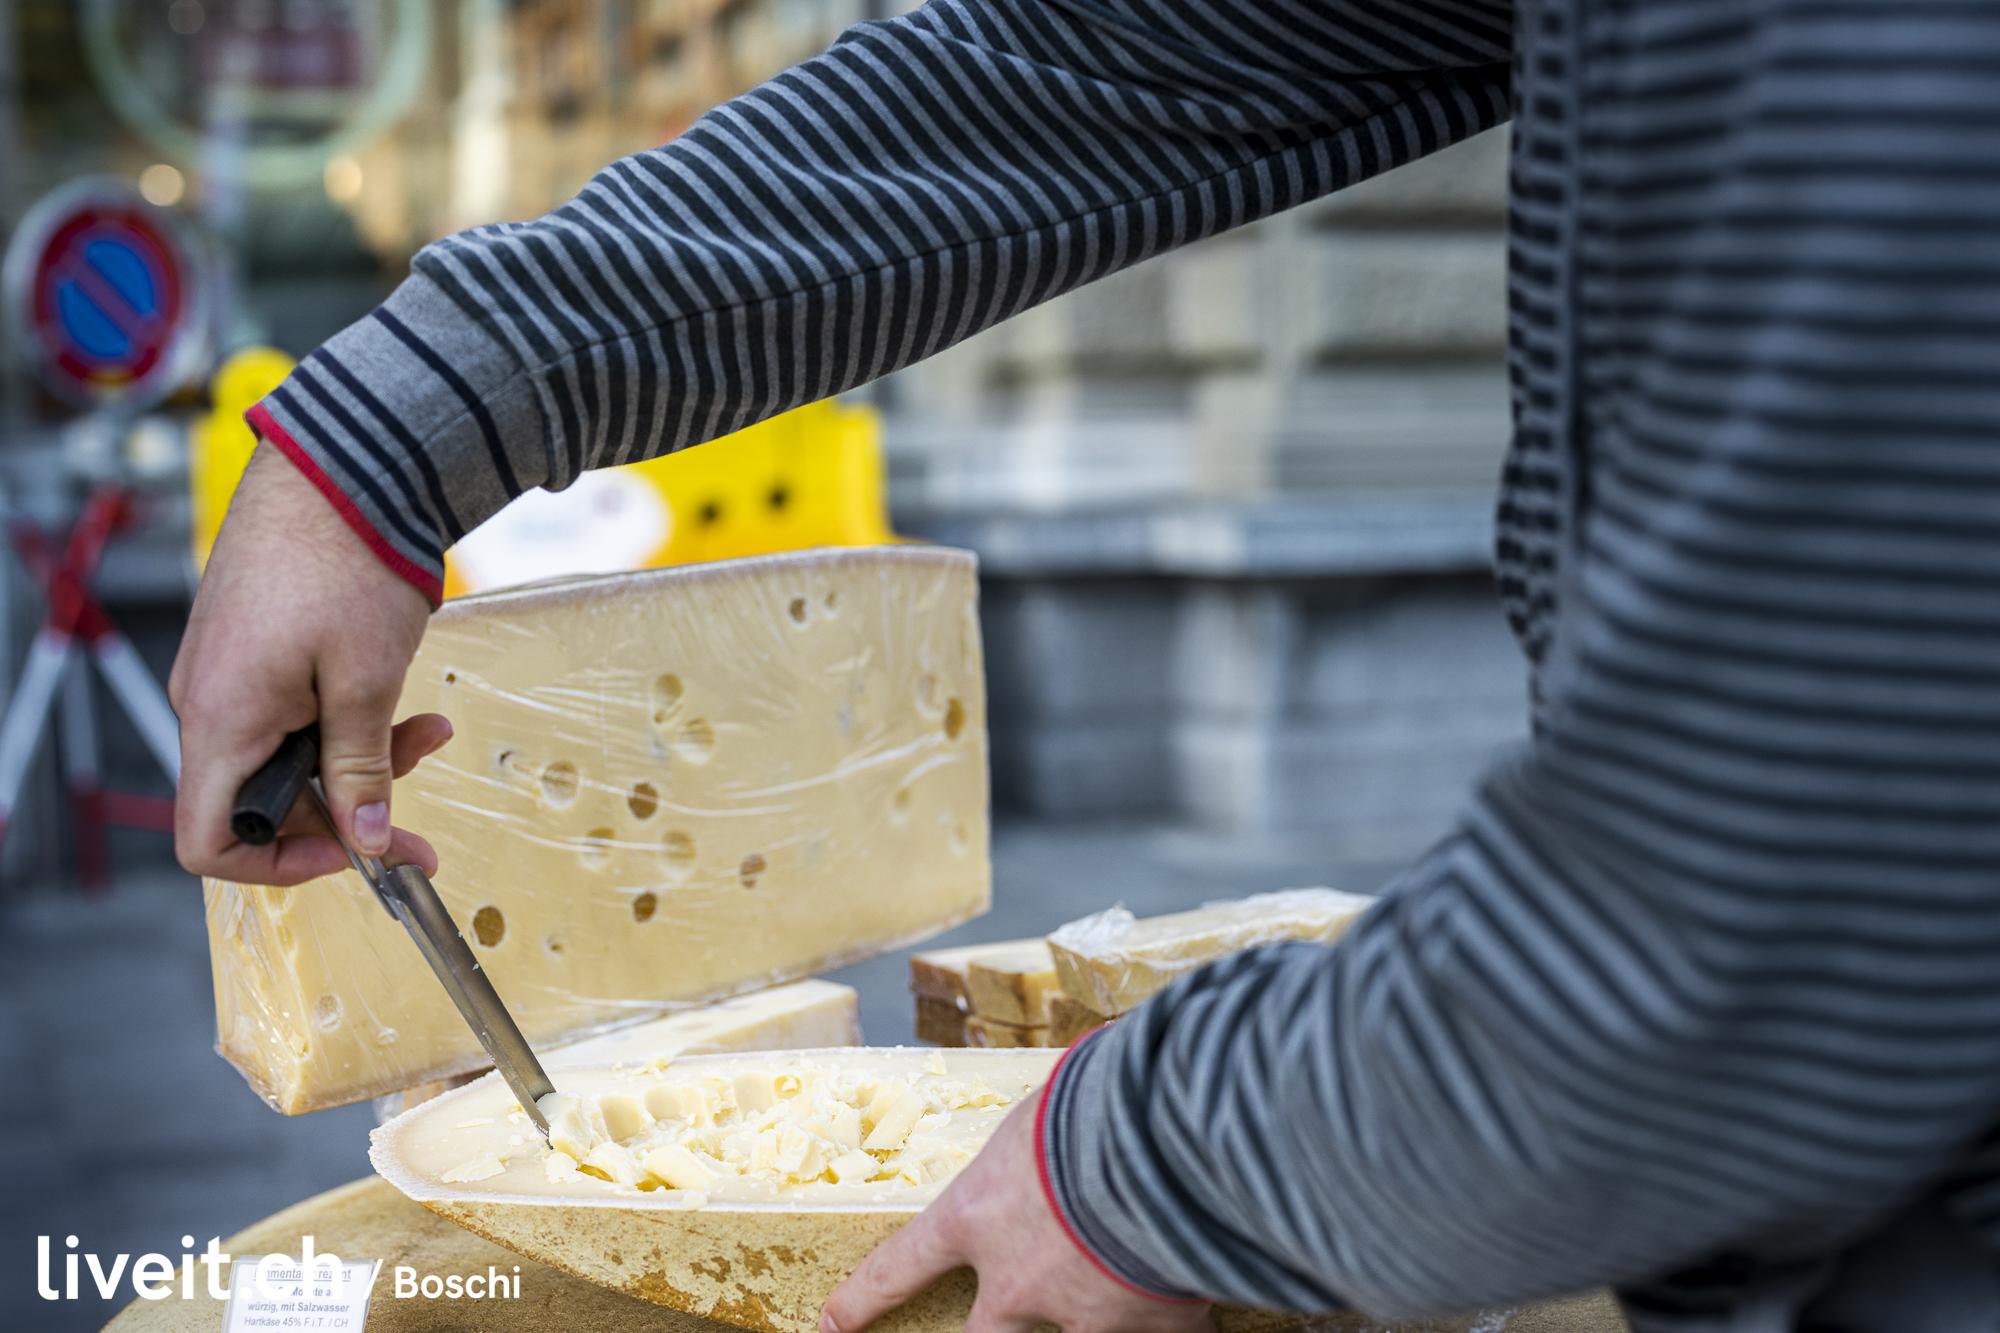 Cheesefestival am Samstagmorgen in Thun. (liveit.ch/boschi)